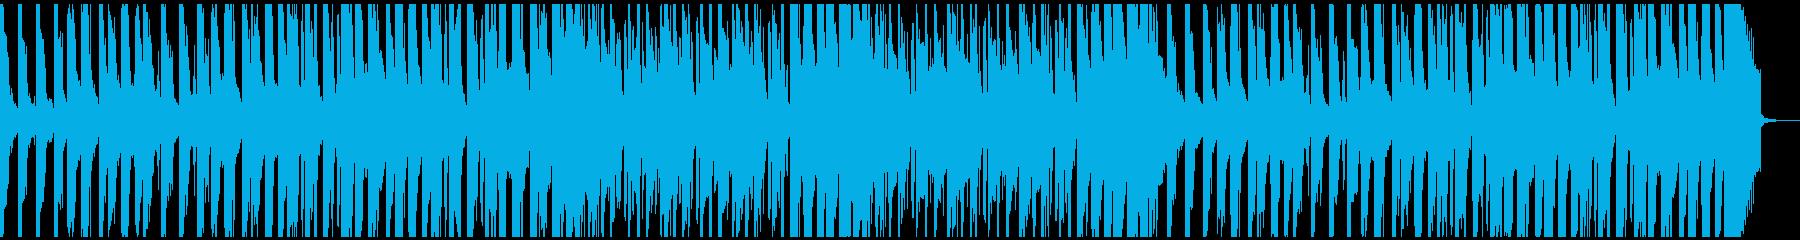 耳に残る迫りくる様なFutureFunkの再生済みの波形